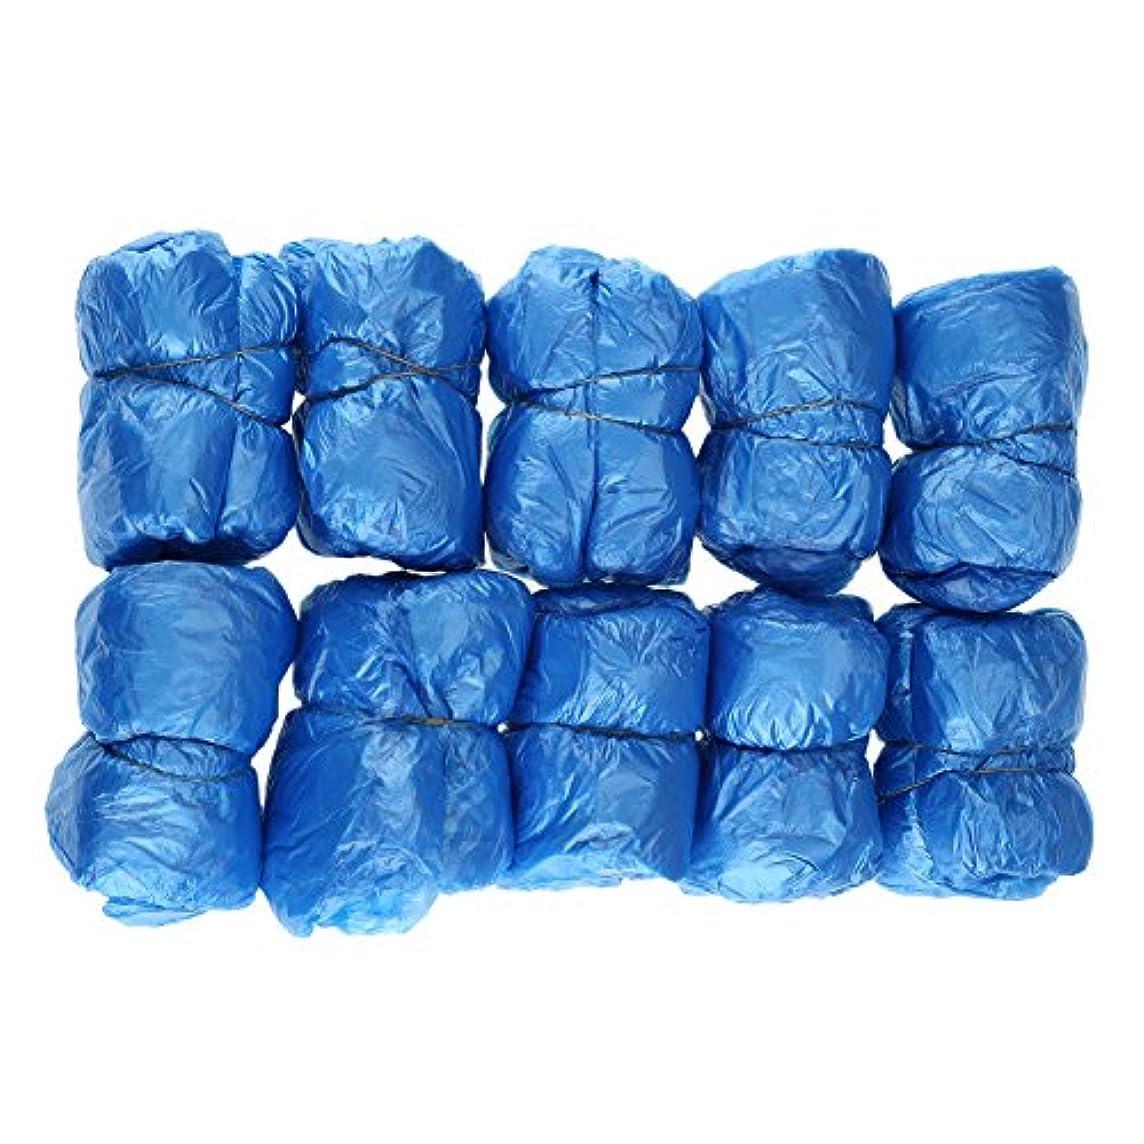 ミシン冷淡な元に戻す100枚入 使い捨て靴カバー シューズカバー 靴カバー サイズフリー簡単 便利 衛生 家庭用品 ブルー